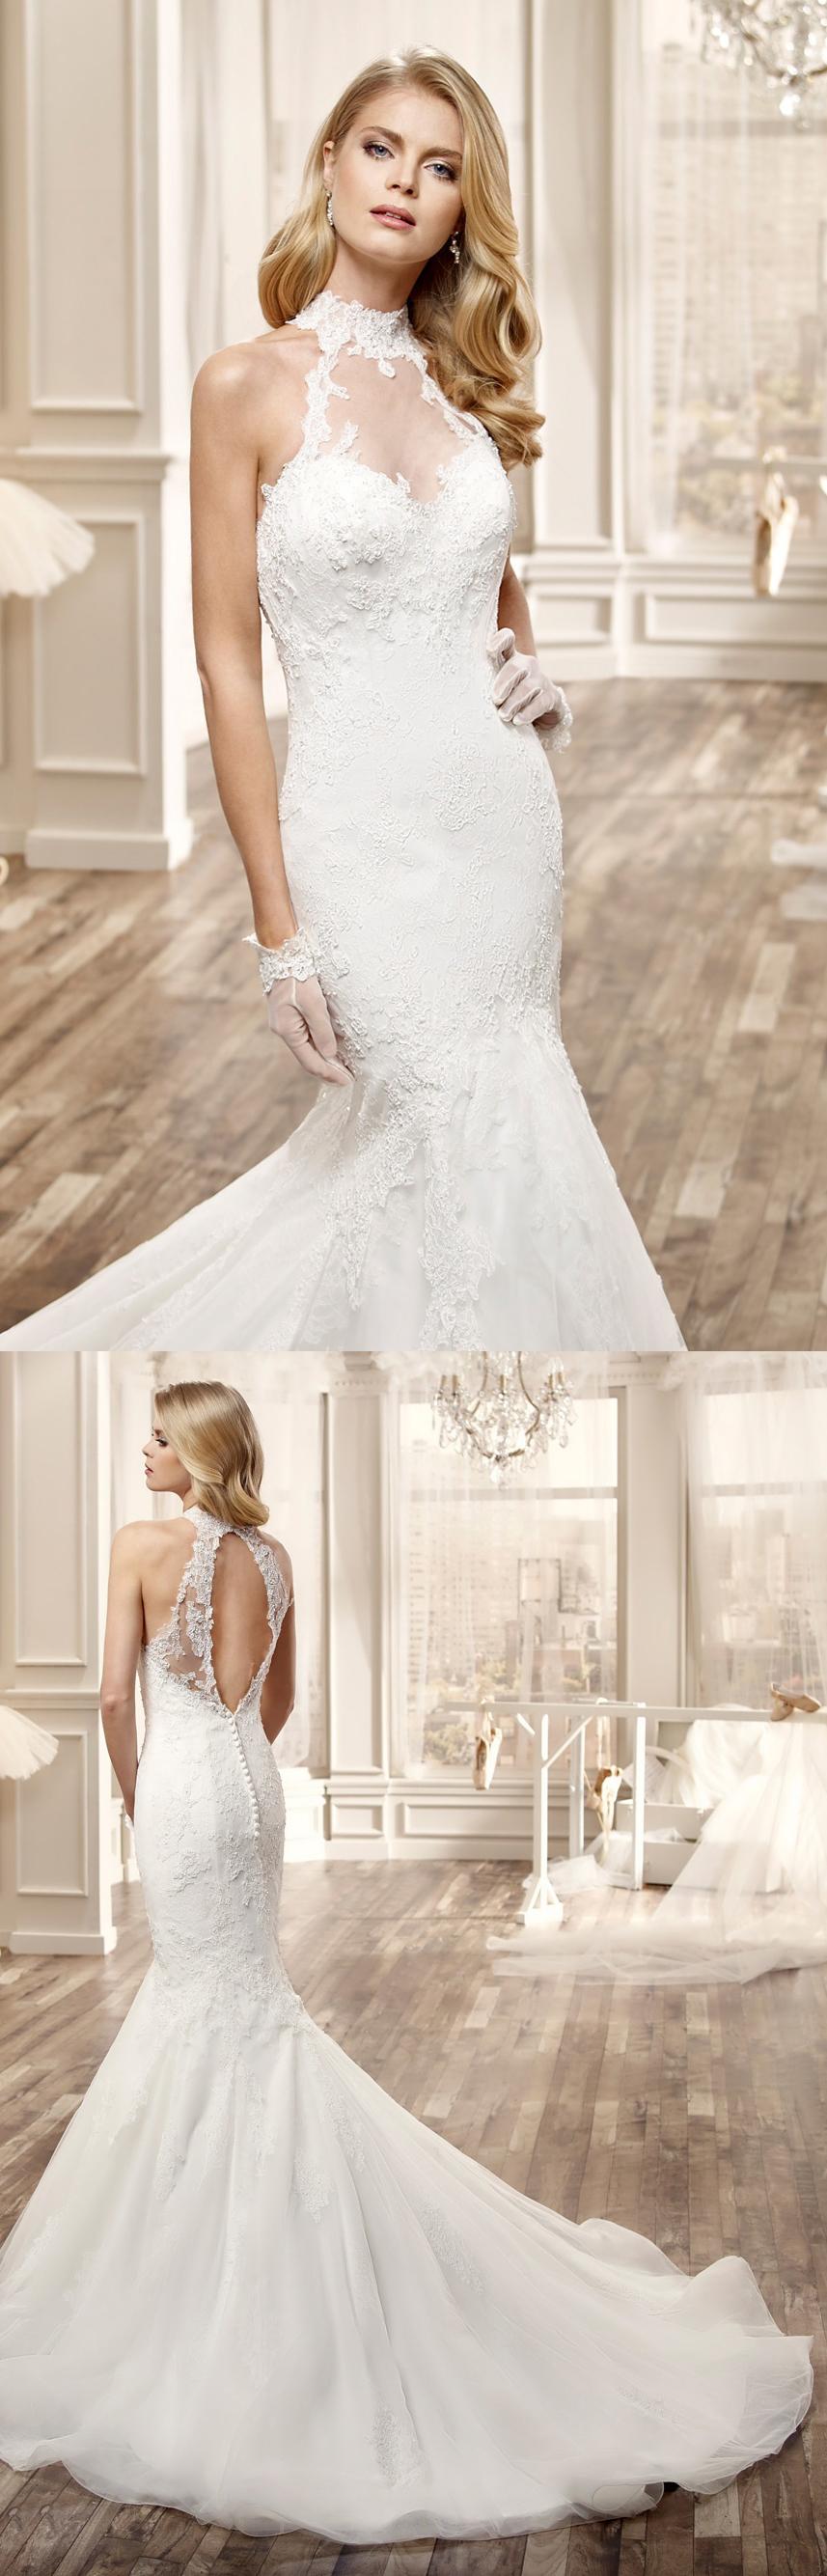 Lace keyhole back wedding dress  HighNeck Mermaid Lace Wedding Dress With Appliques And Keyhole Back